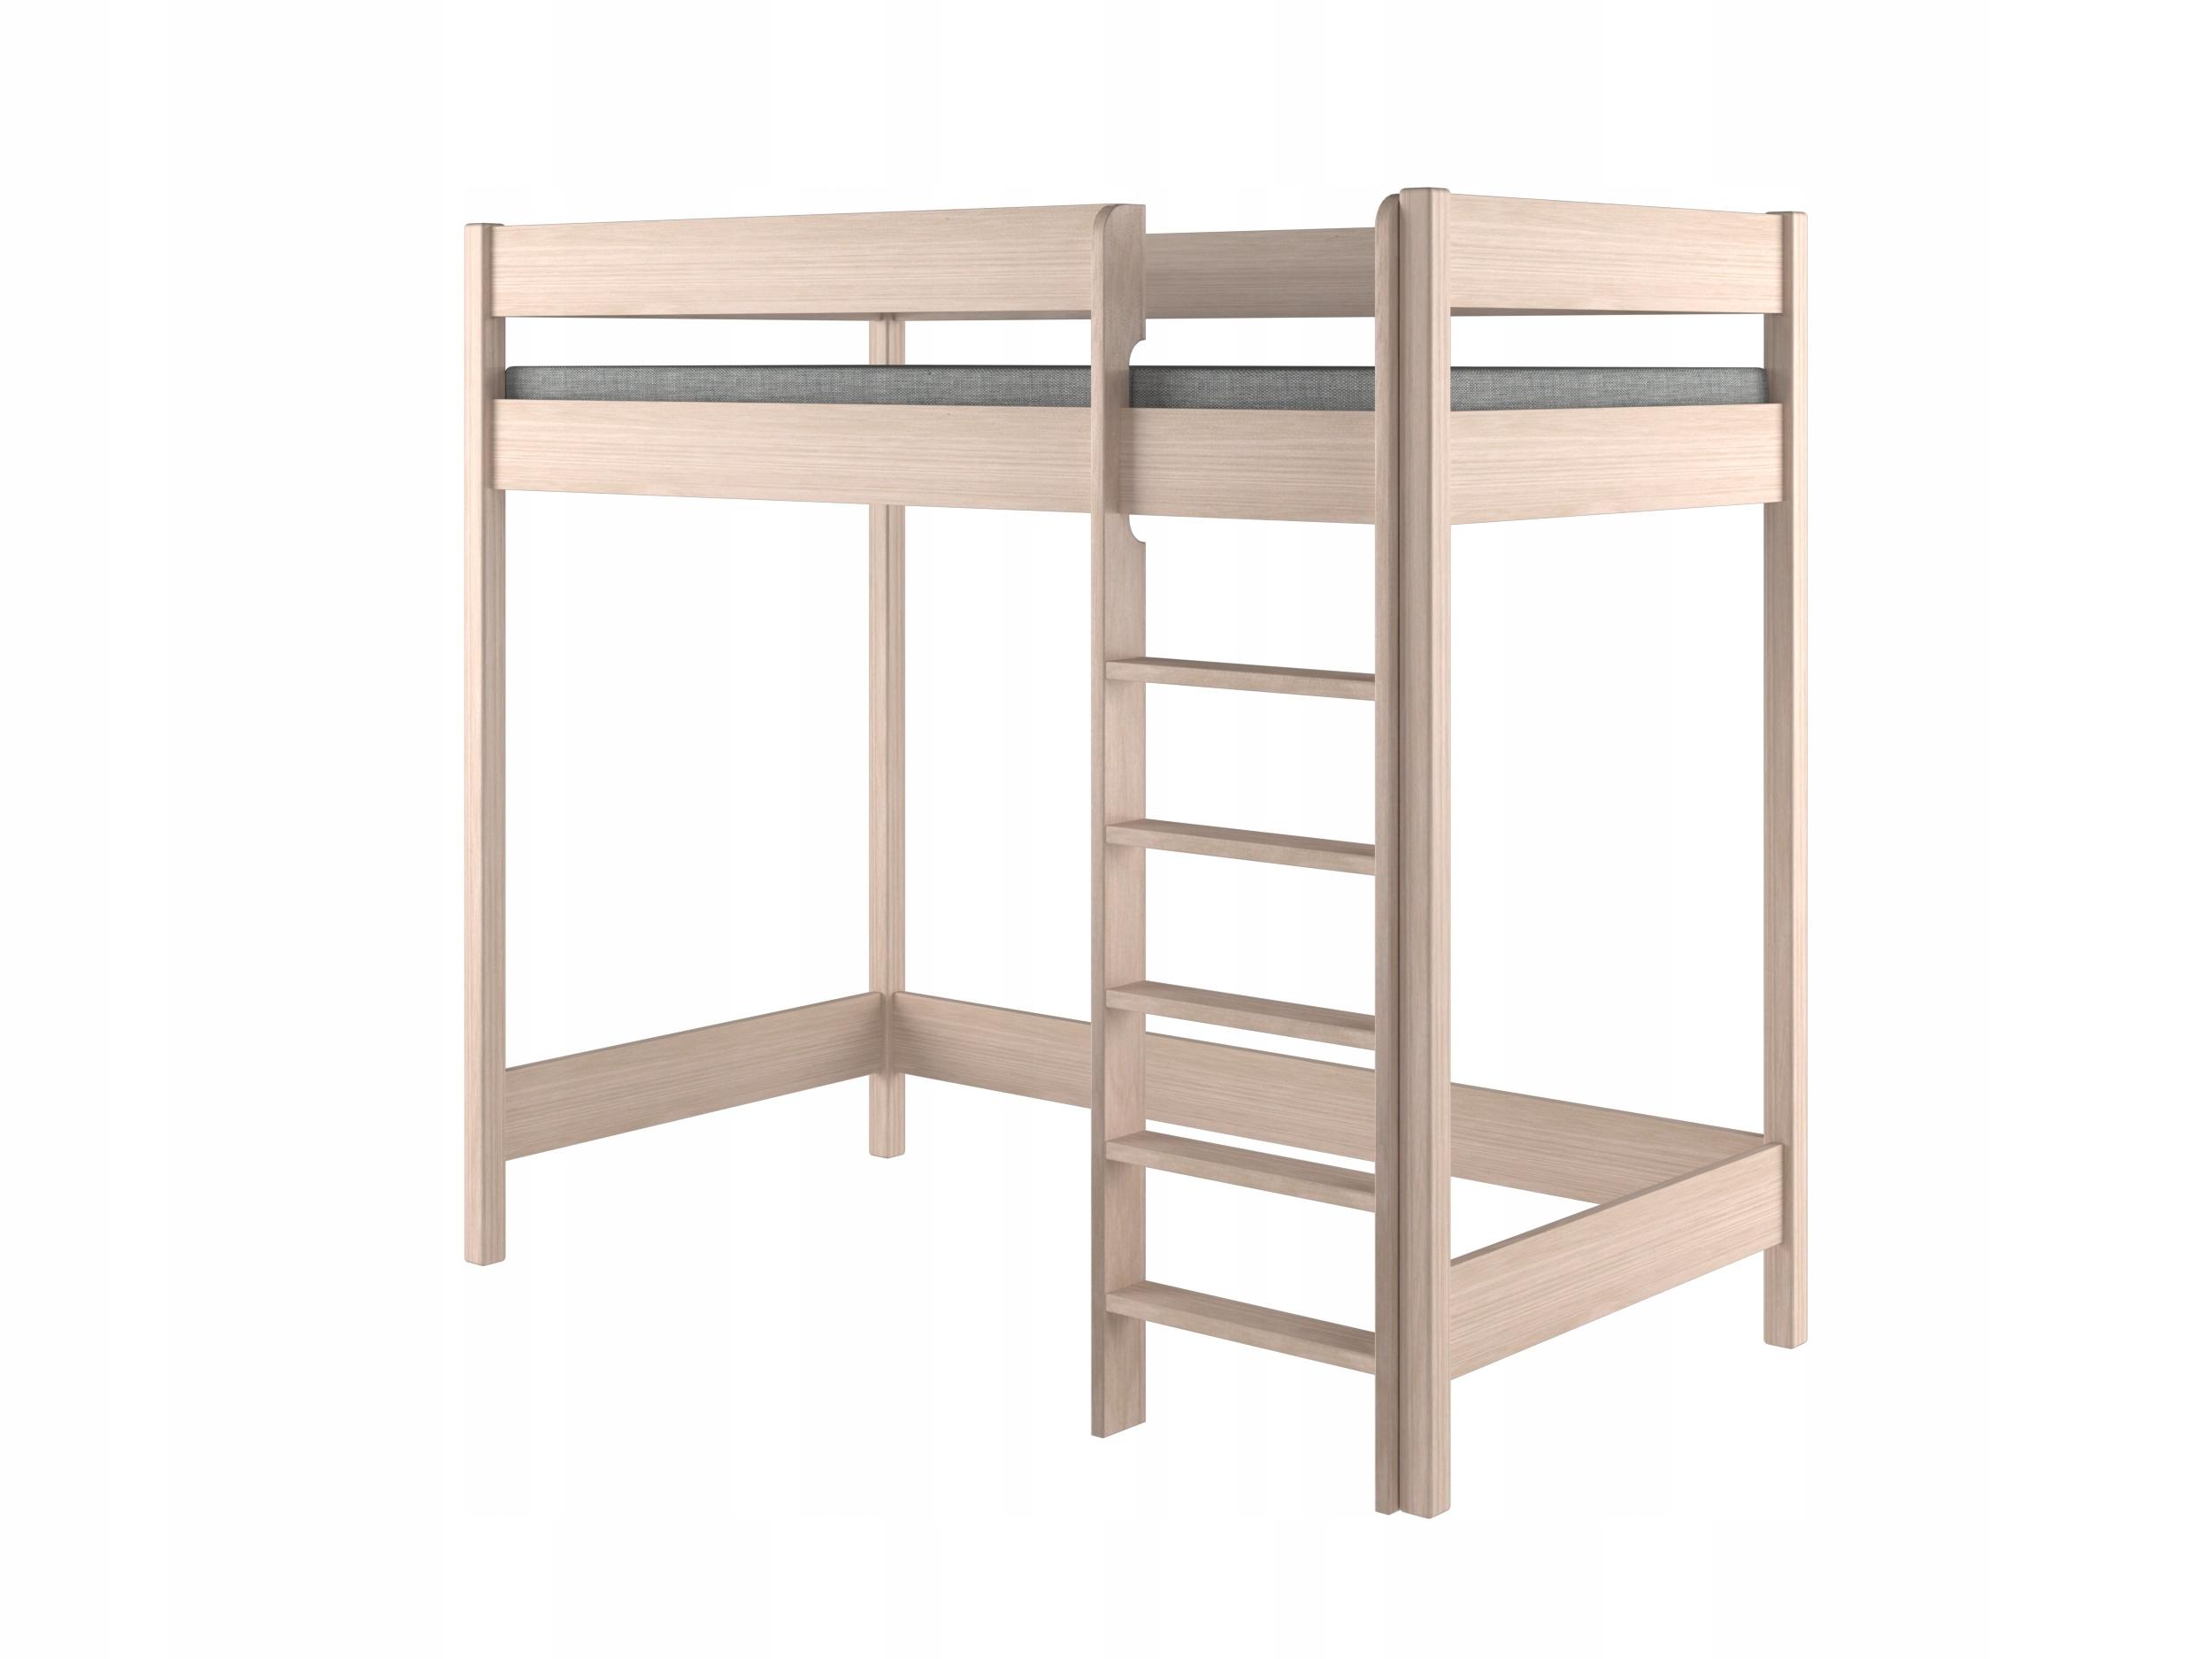 łóżko Piętrowe Młodzieżowe 160x80 Antresola